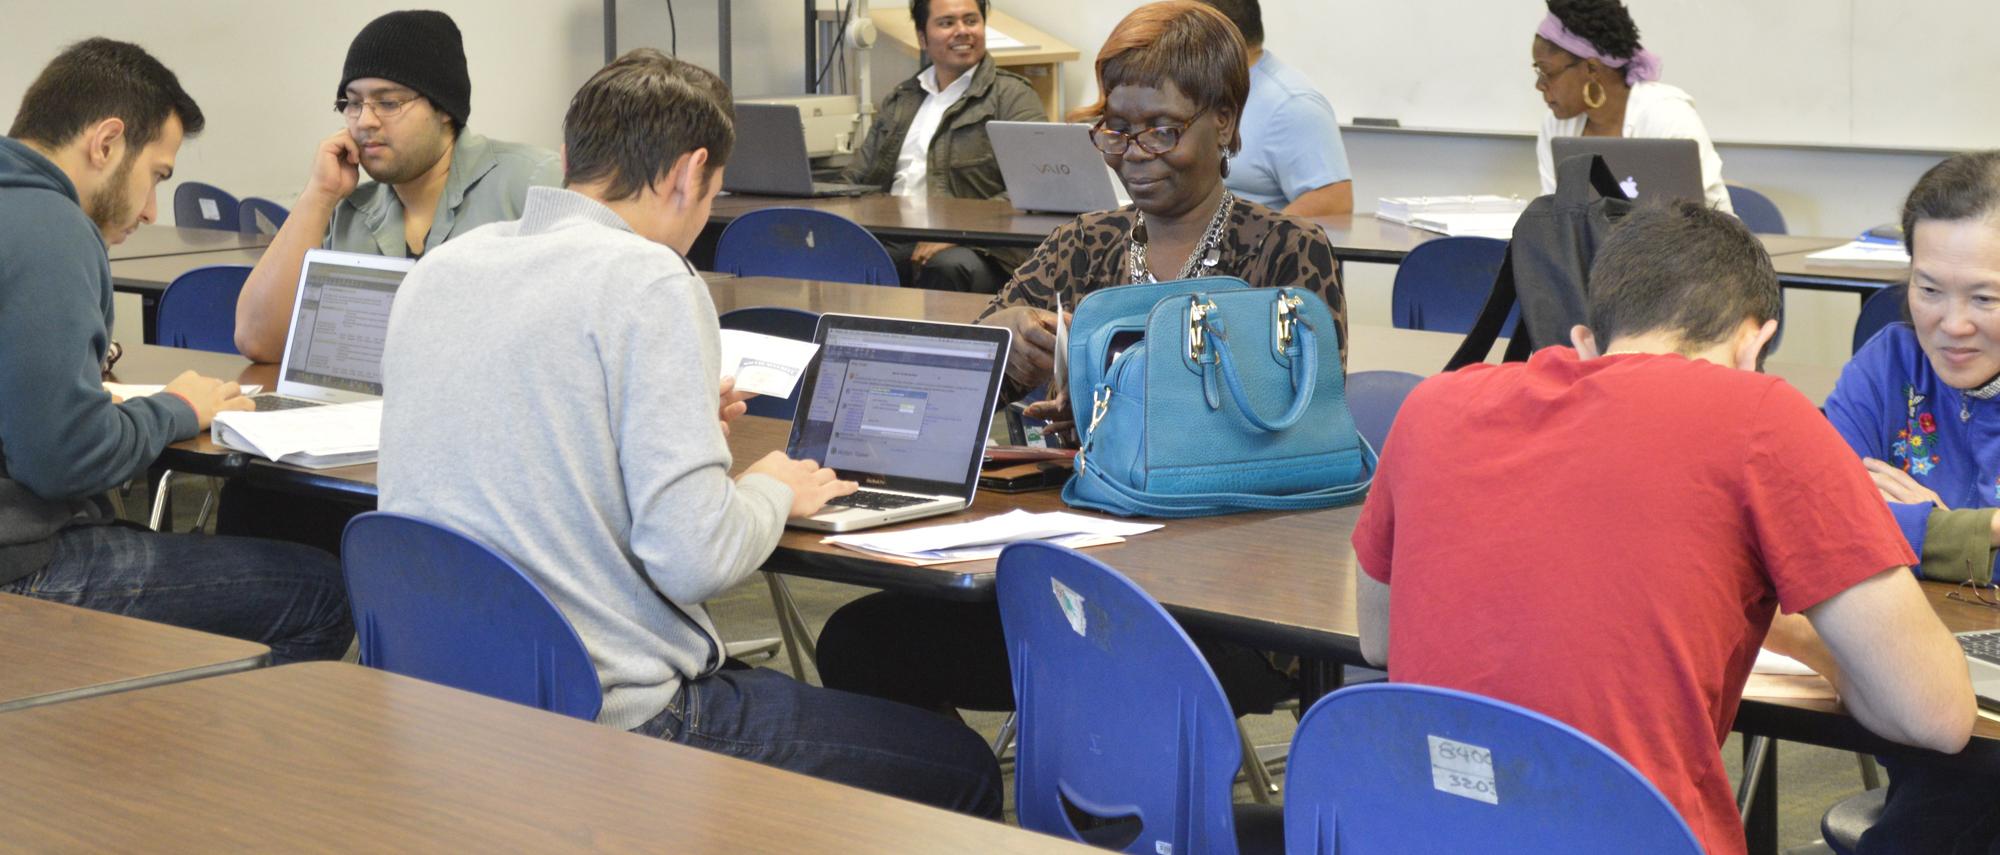 VITA program offers free tax preparation